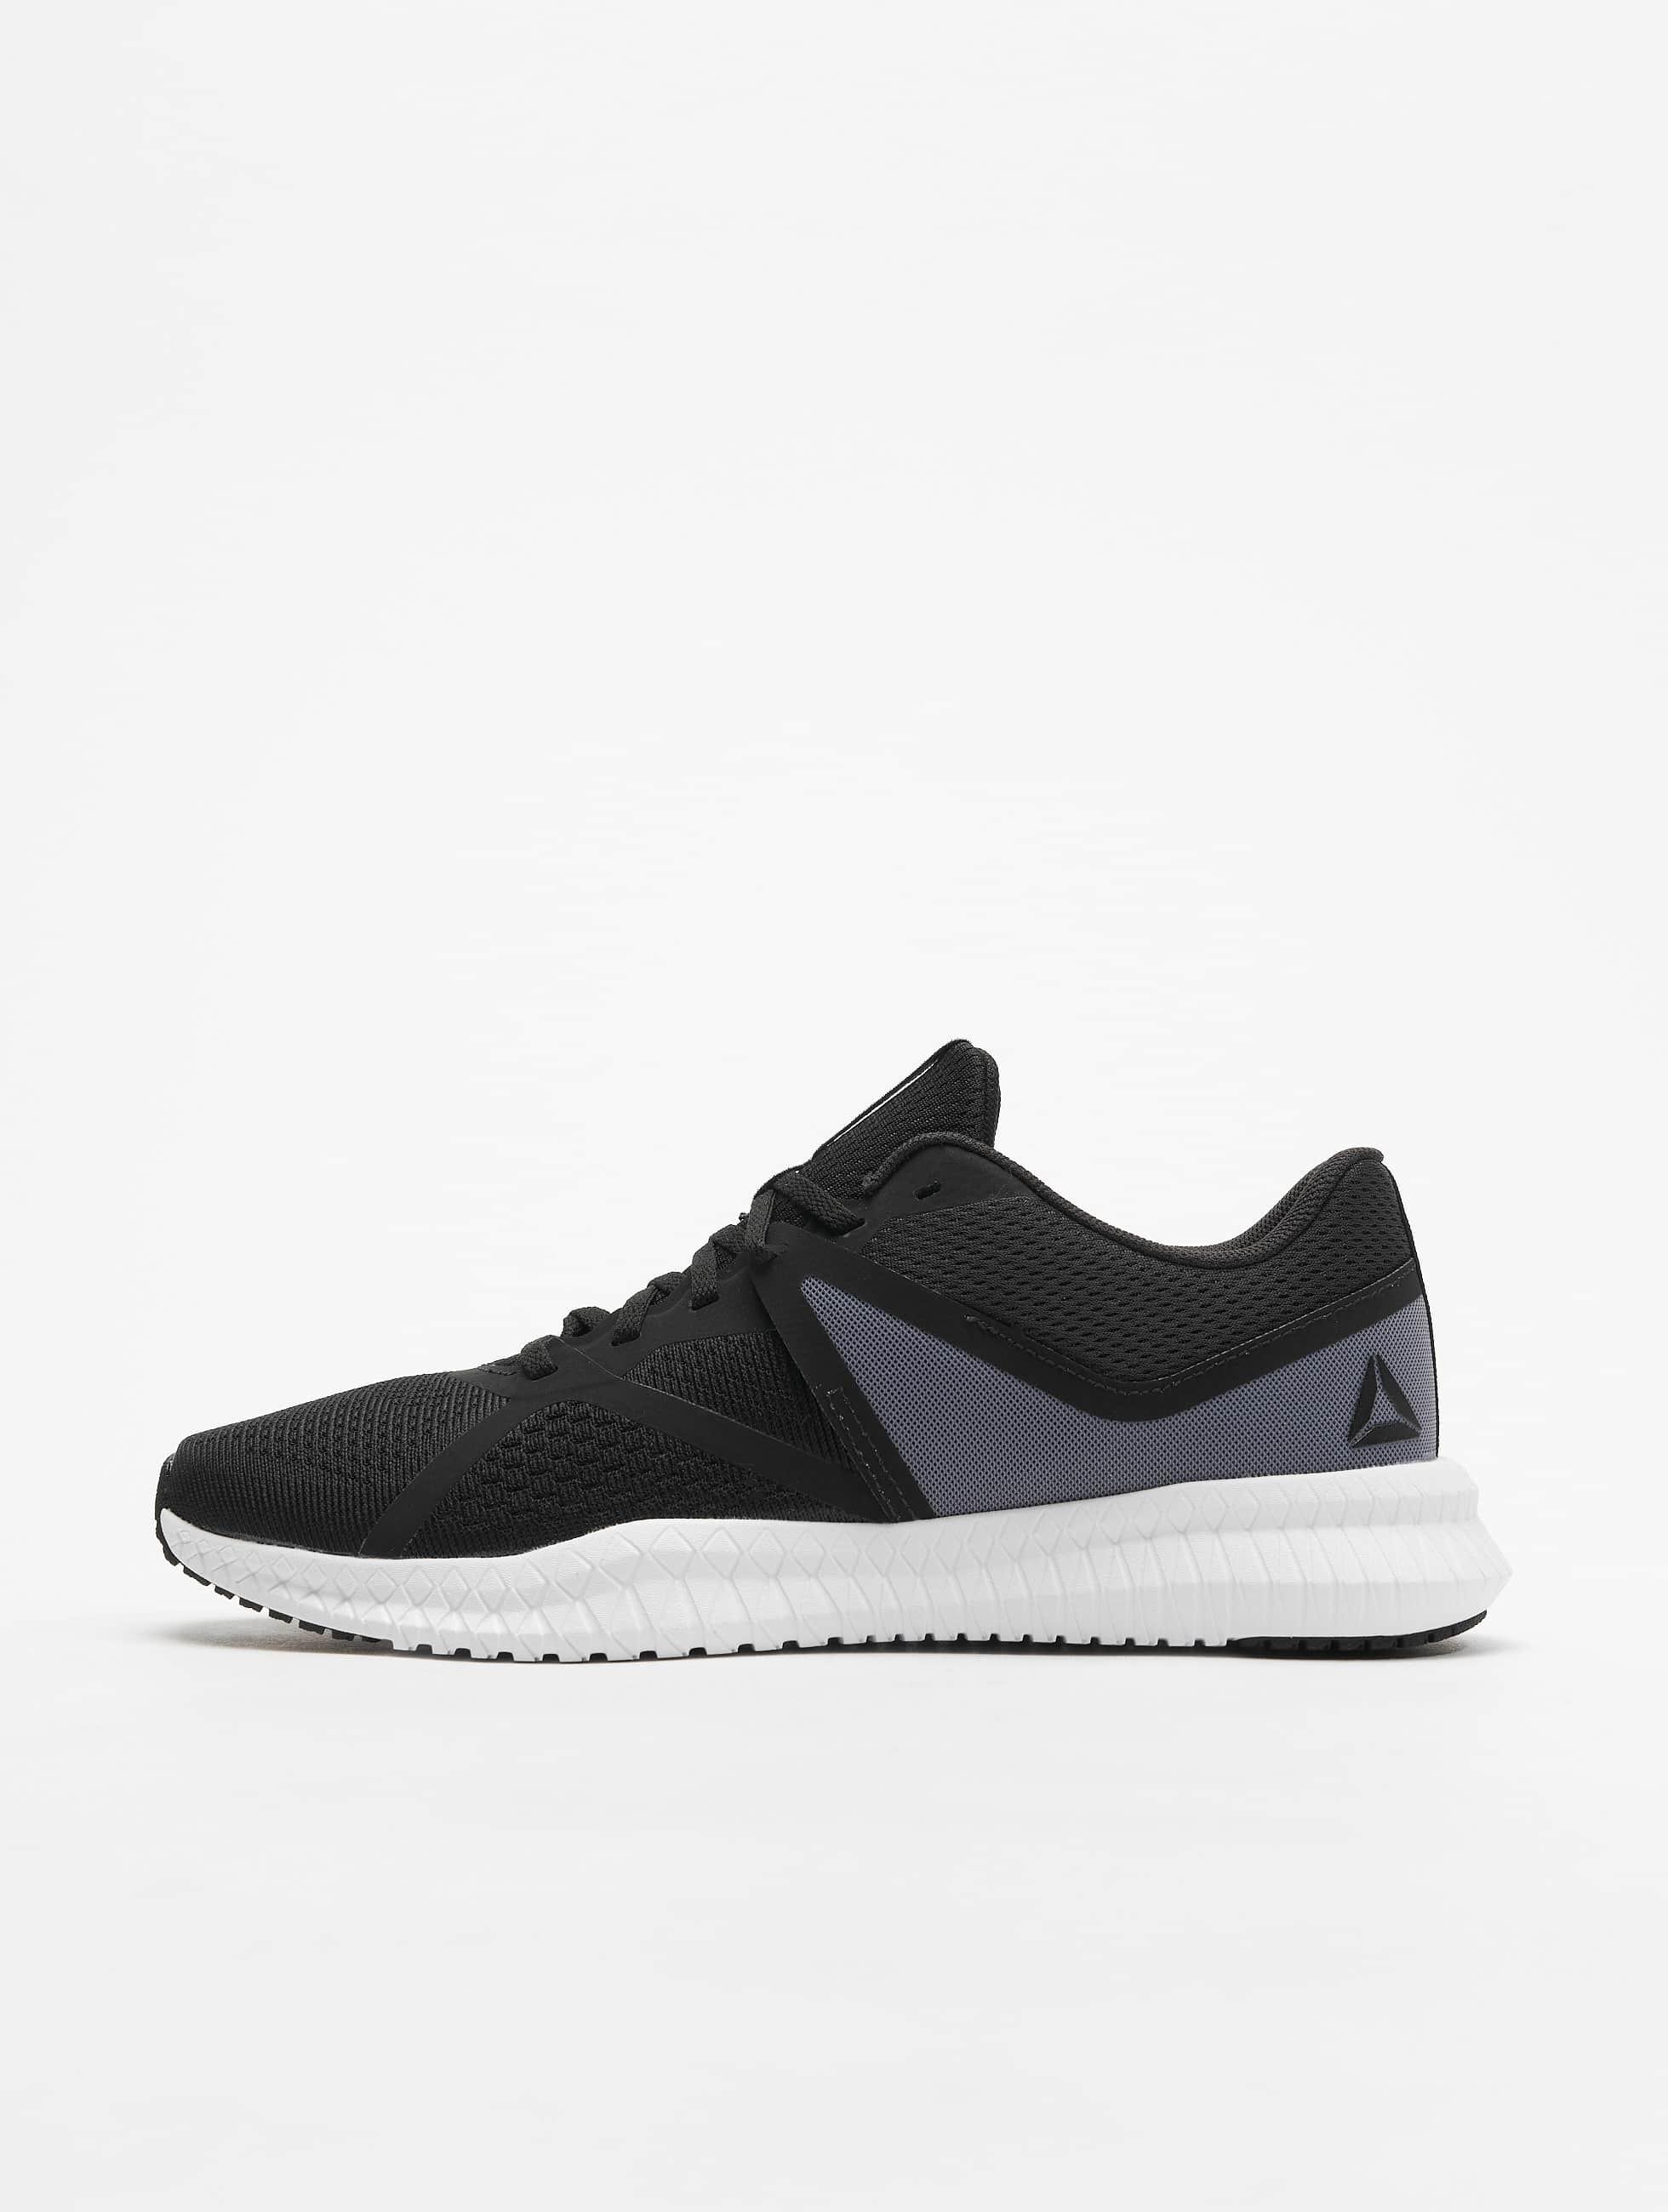 Reebok Flexagon Fit Sneakers BlackWhiteTrue Gre